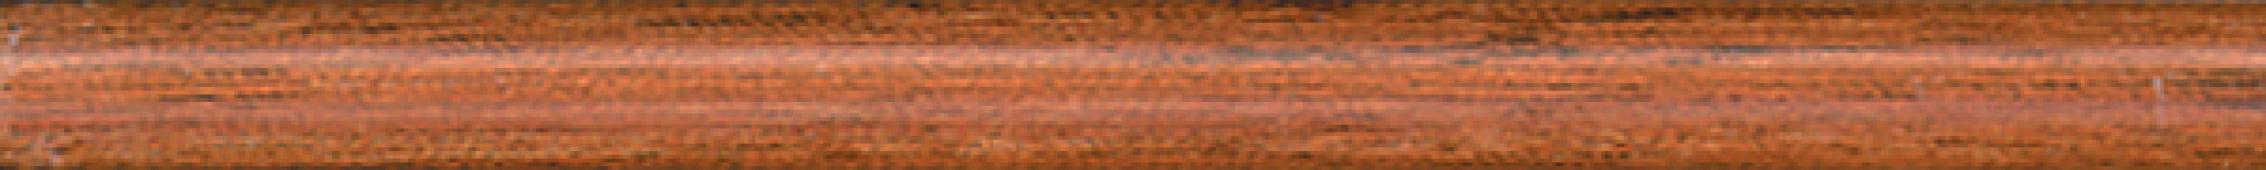 212 Дерево коричневый матовый бордюр